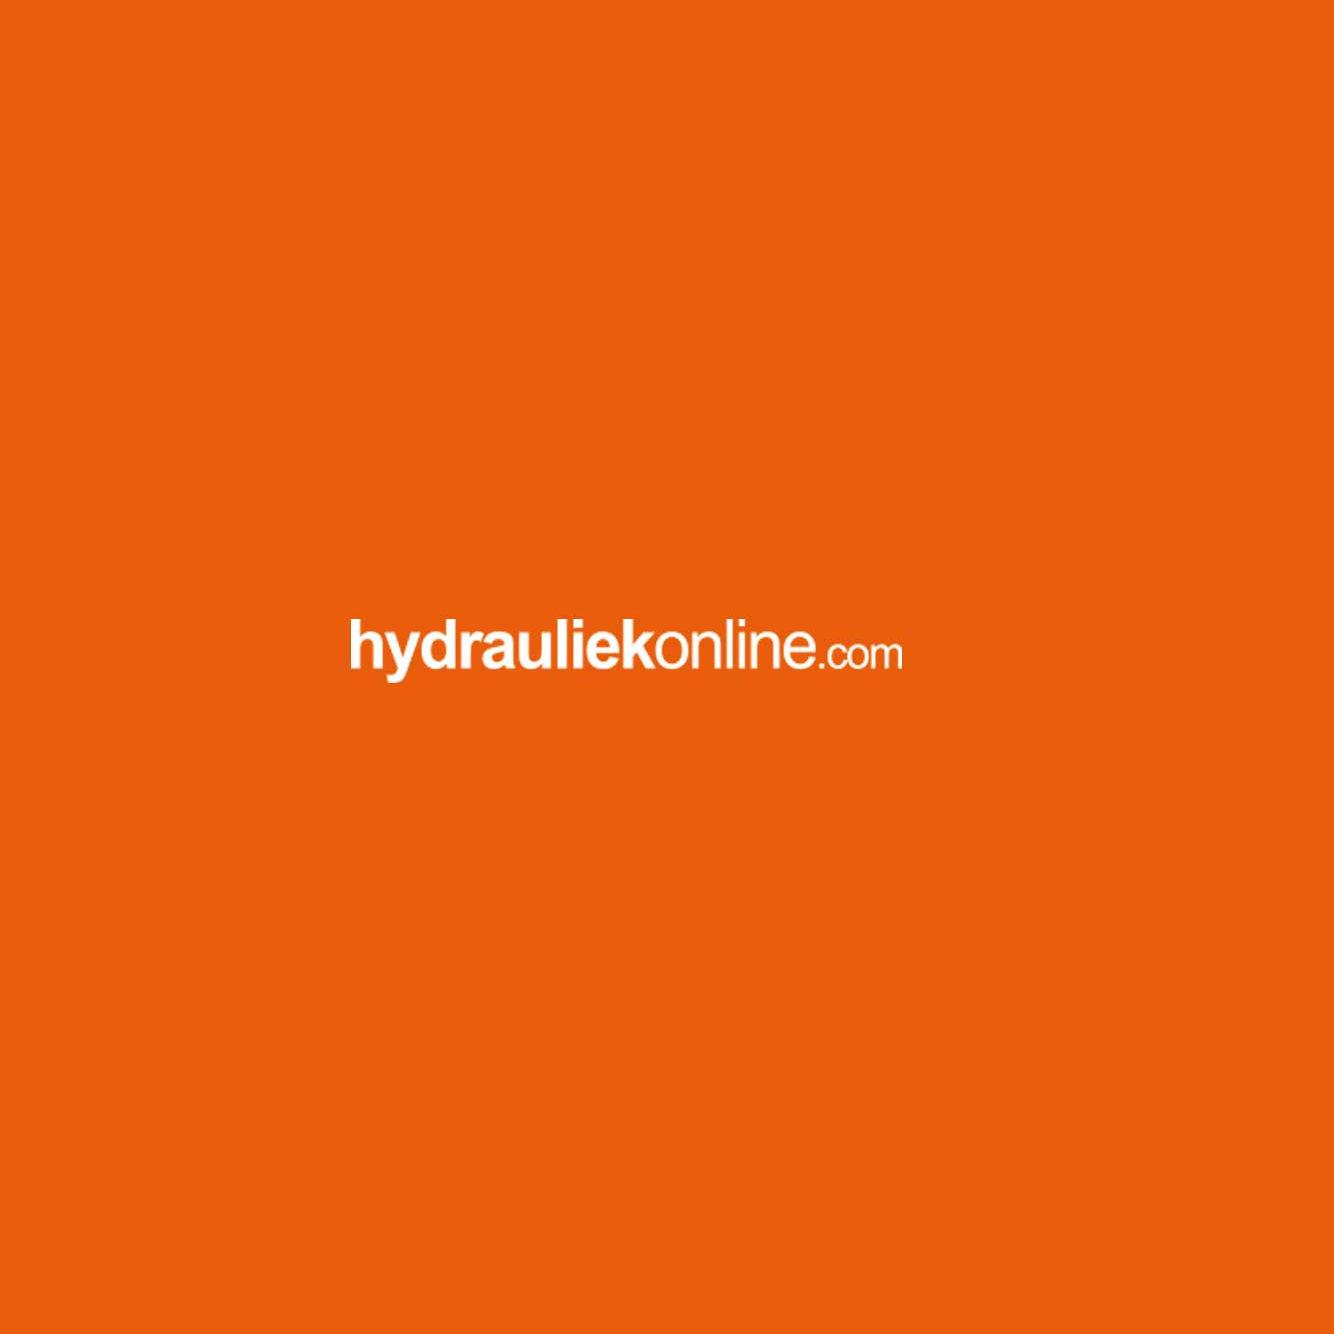 hydrauliek-online-6592.jpg